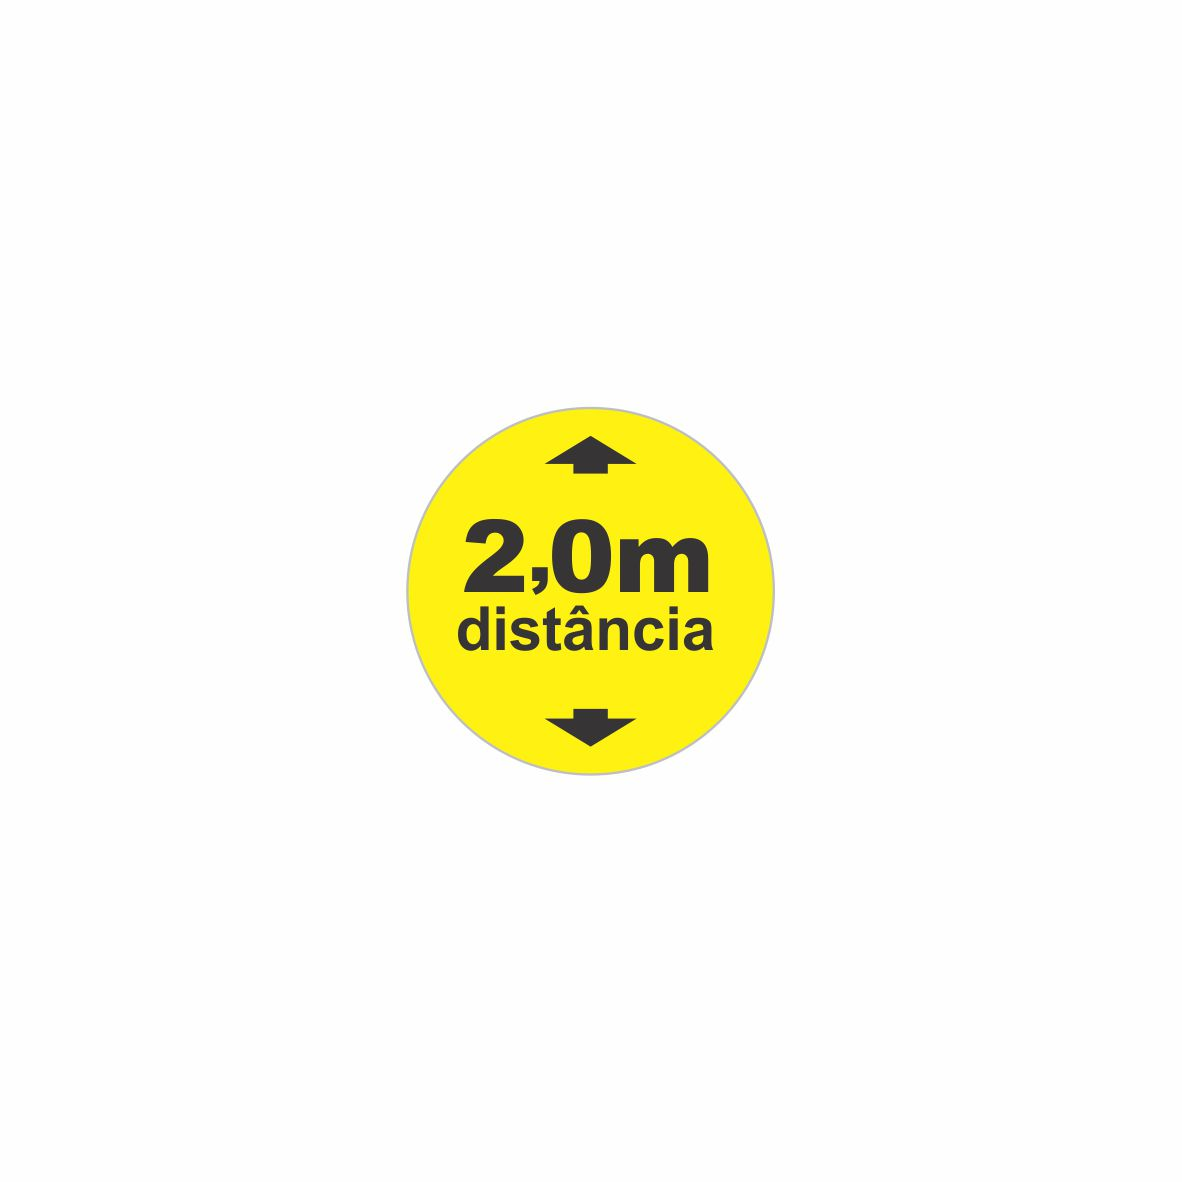 Adesivo para solo Distanciamento 2 metros - Circular  - Towbar Sinalização de Segurança